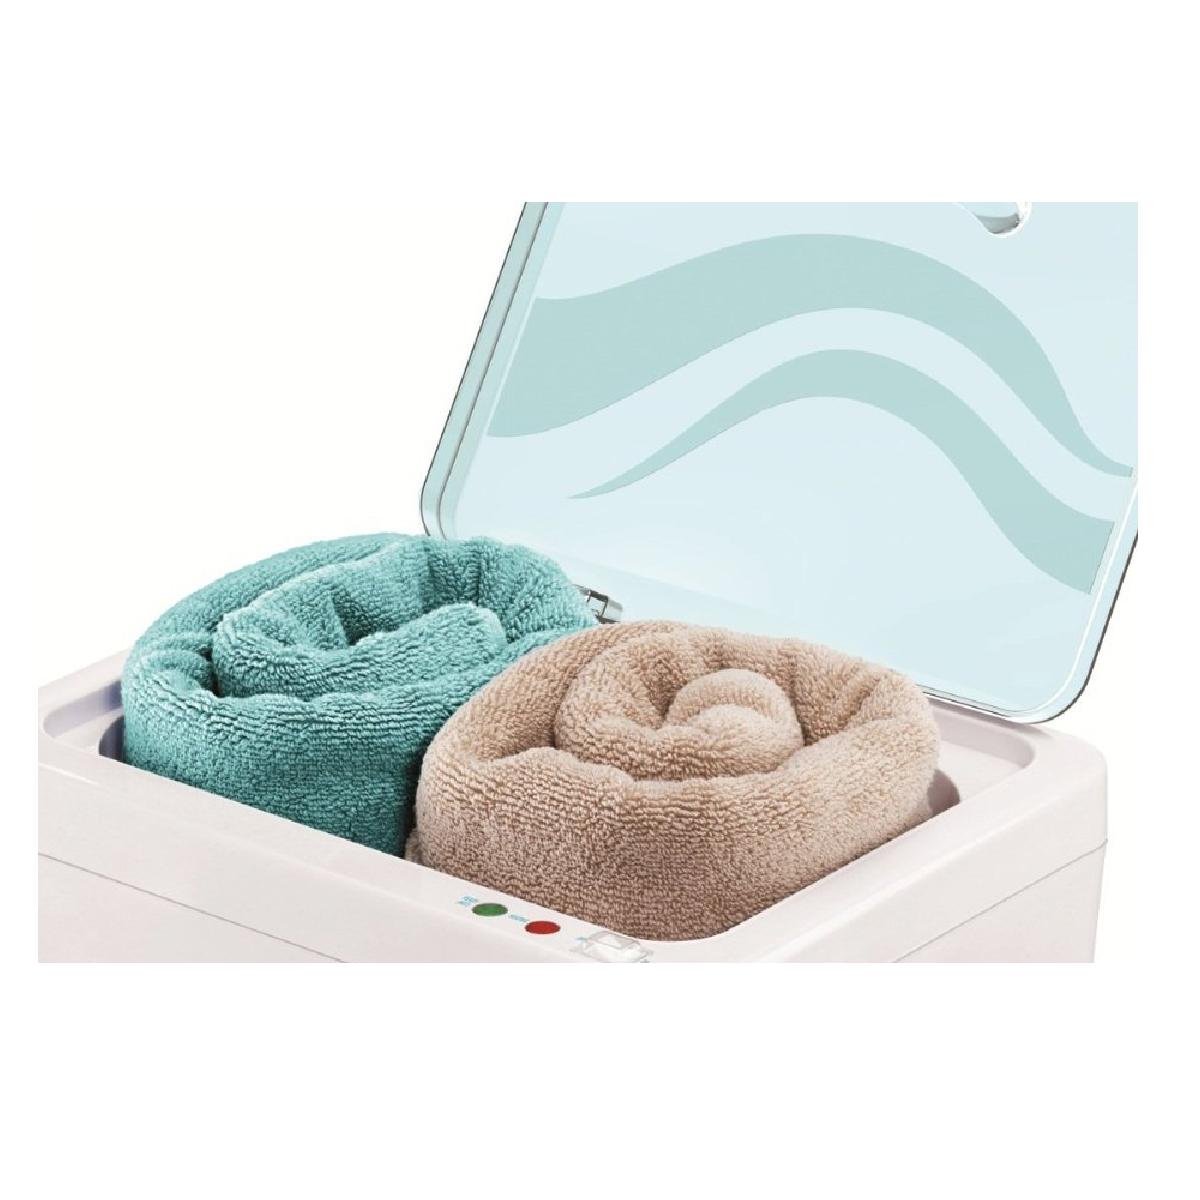 Cadeaux 2 ouf id es de cadeaux insolites et originaux le therma towel wa - Chauffer une serviette ...